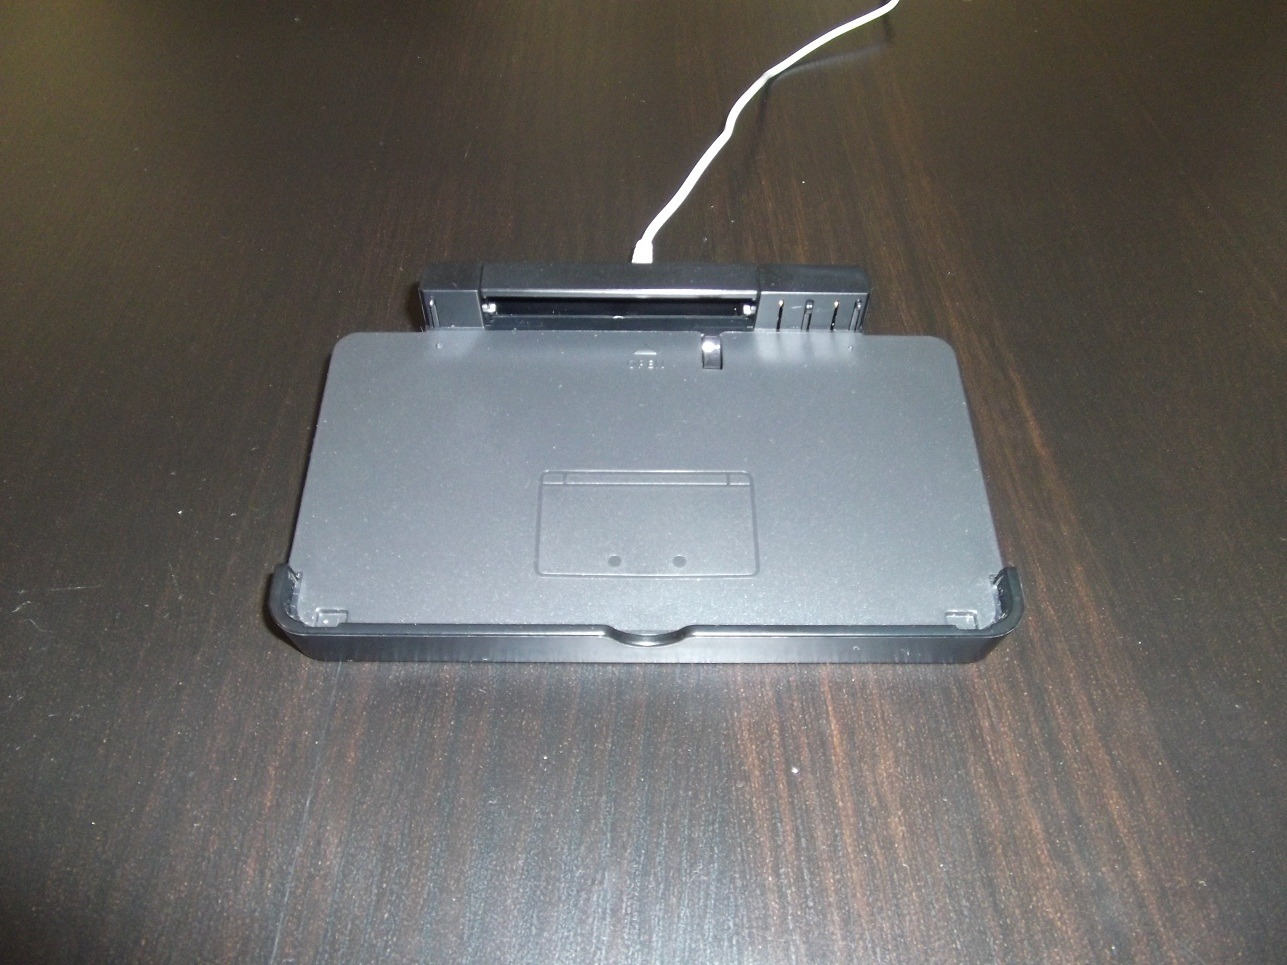 Le socle de la Nintendo 3DS